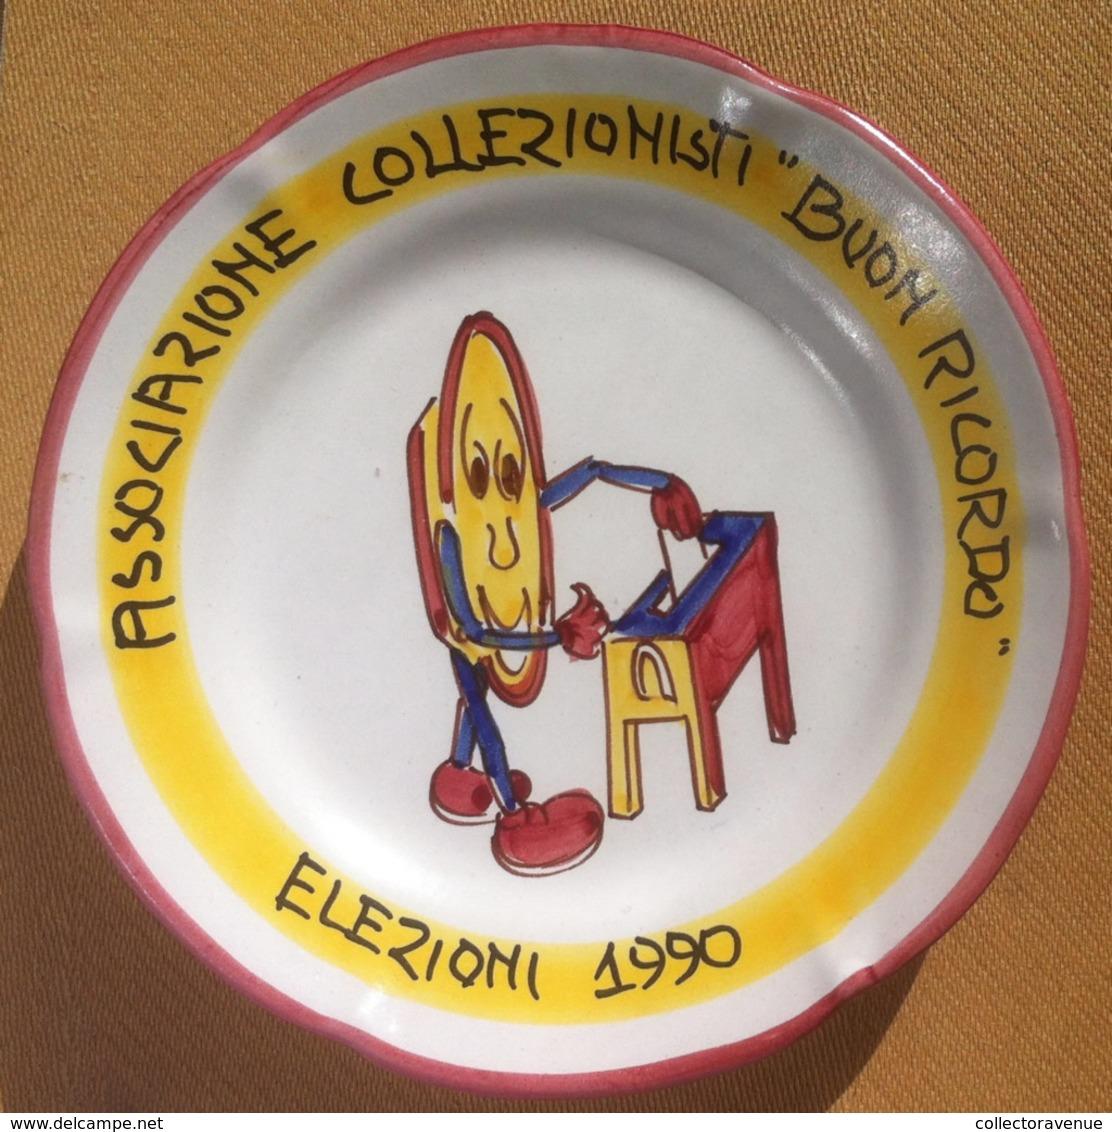 Piatto Buon Ricordo - Associazione Collezionisti - Elezioni 1990 - Oggetti 'Ricordo Di'